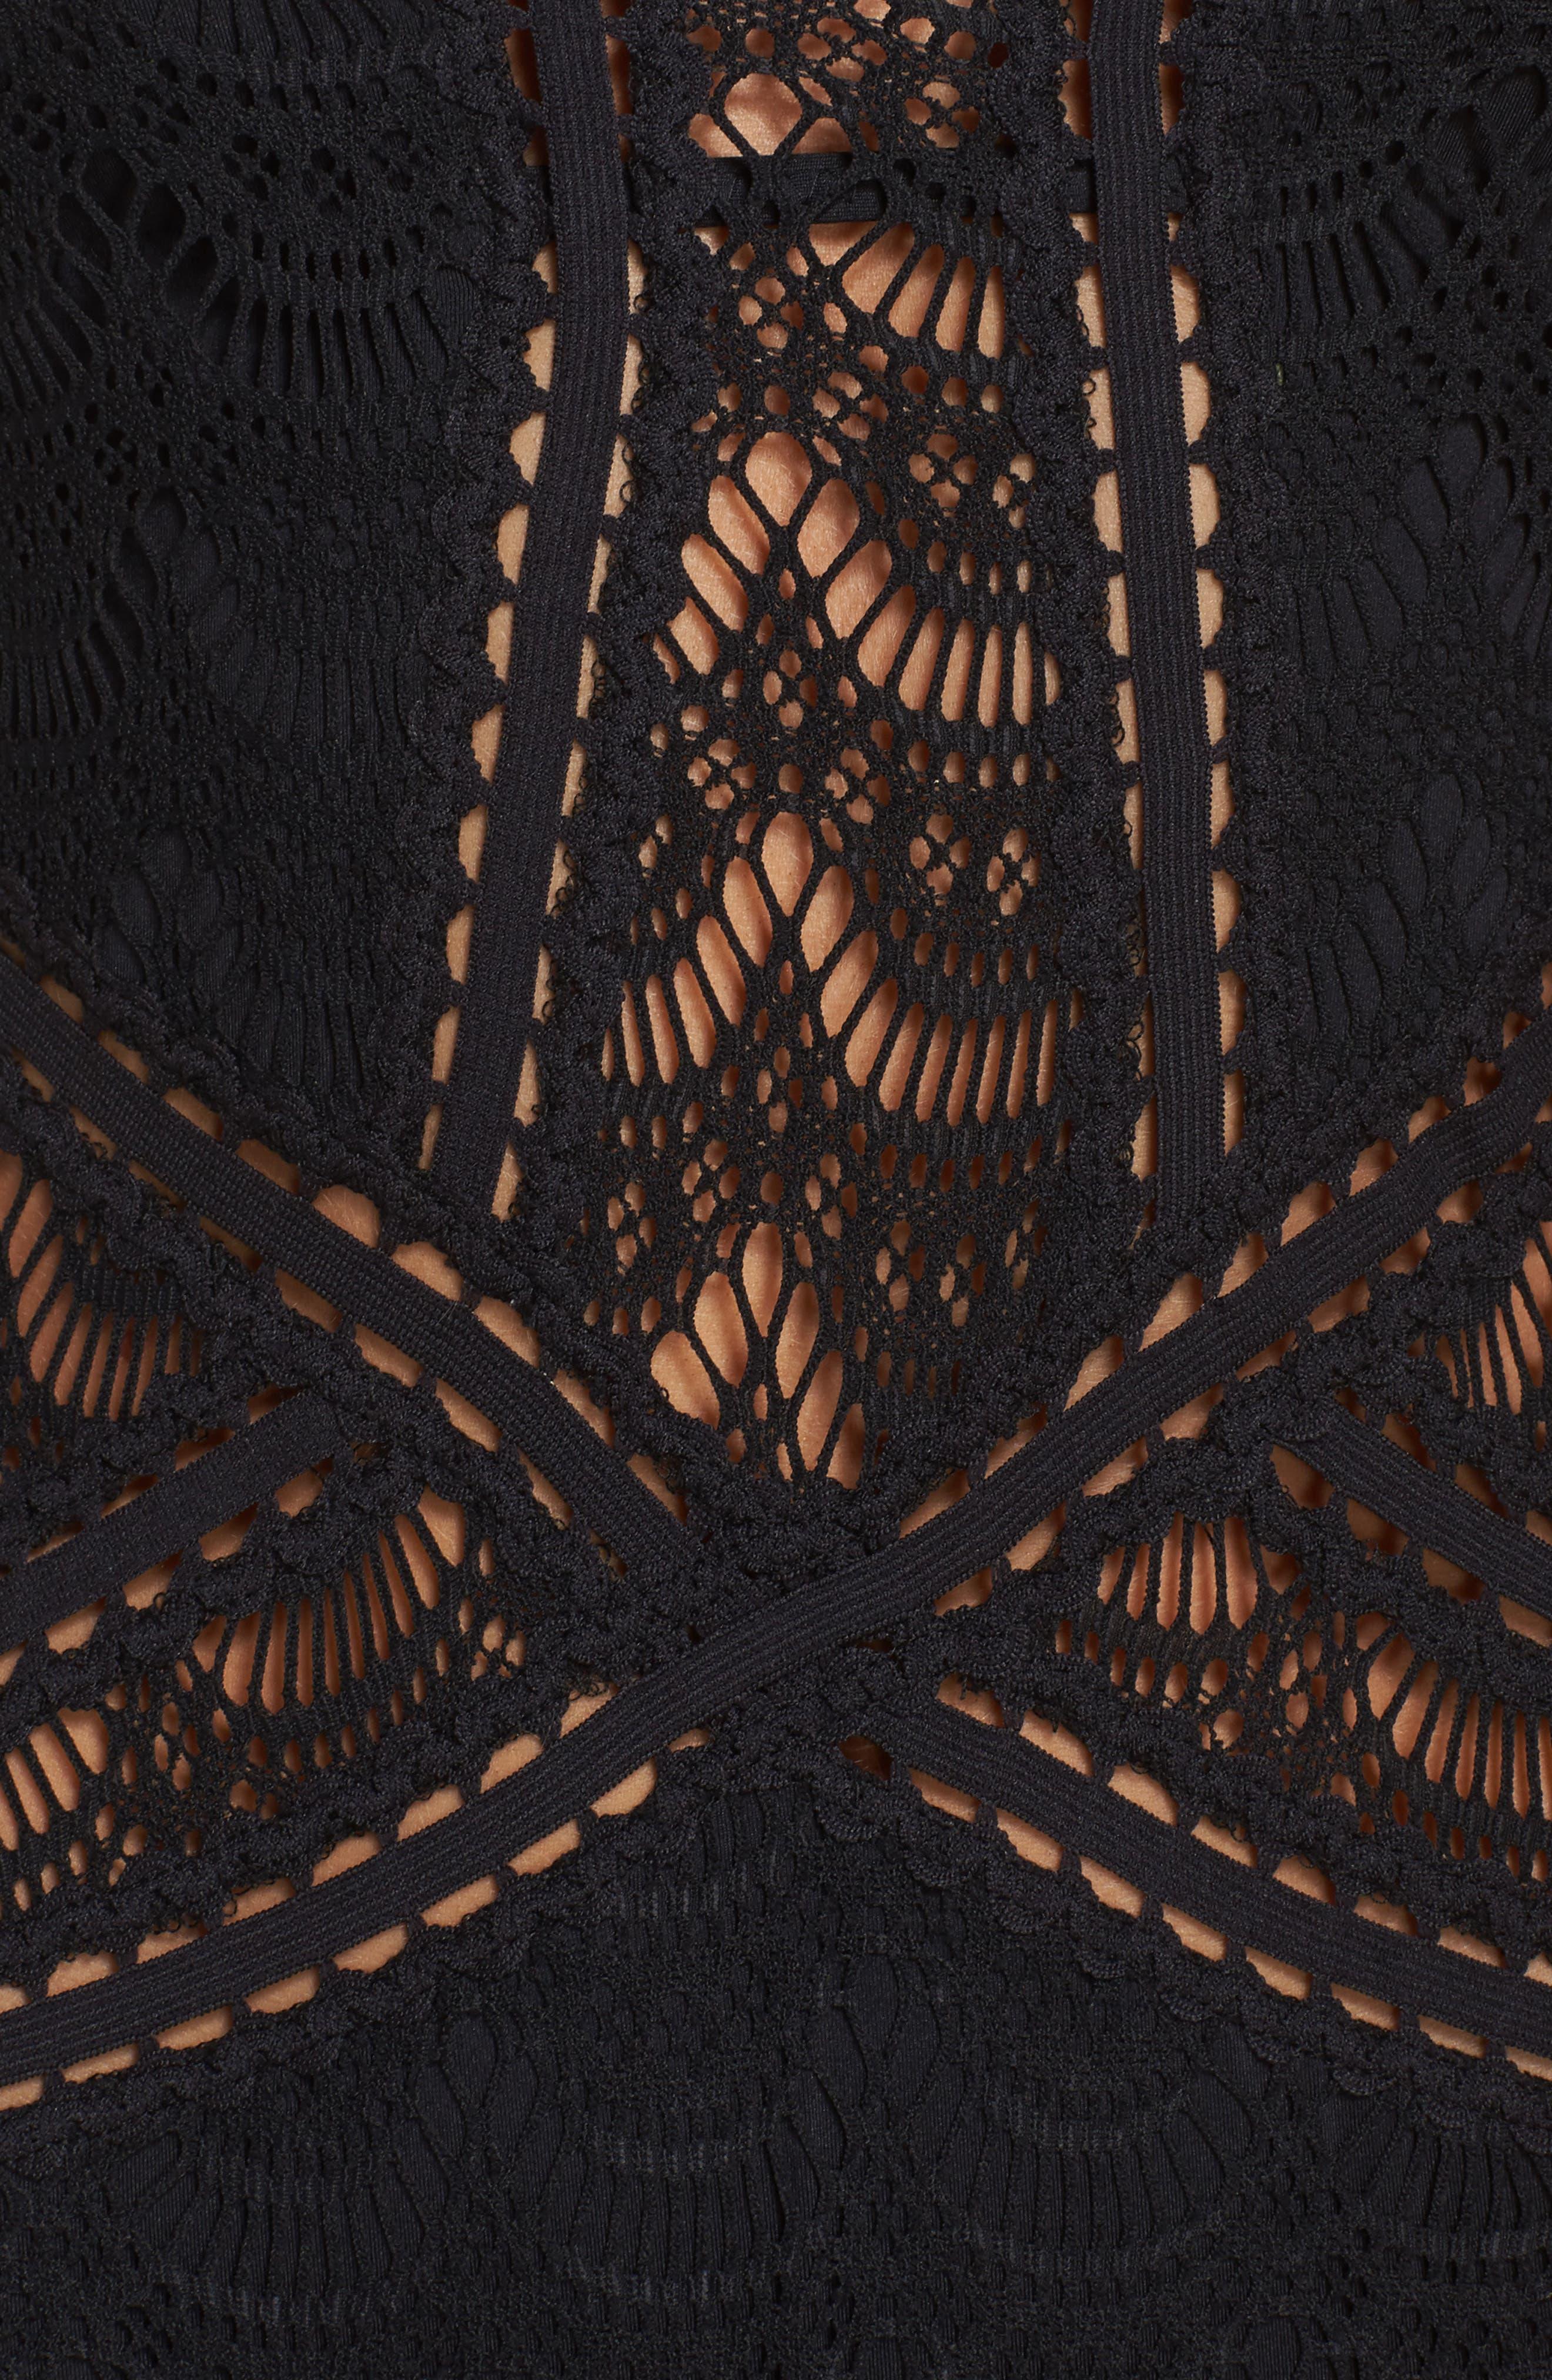 Crochet One-Piece Swimsuit,                             Alternate thumbnail 5, color,                             BLACK